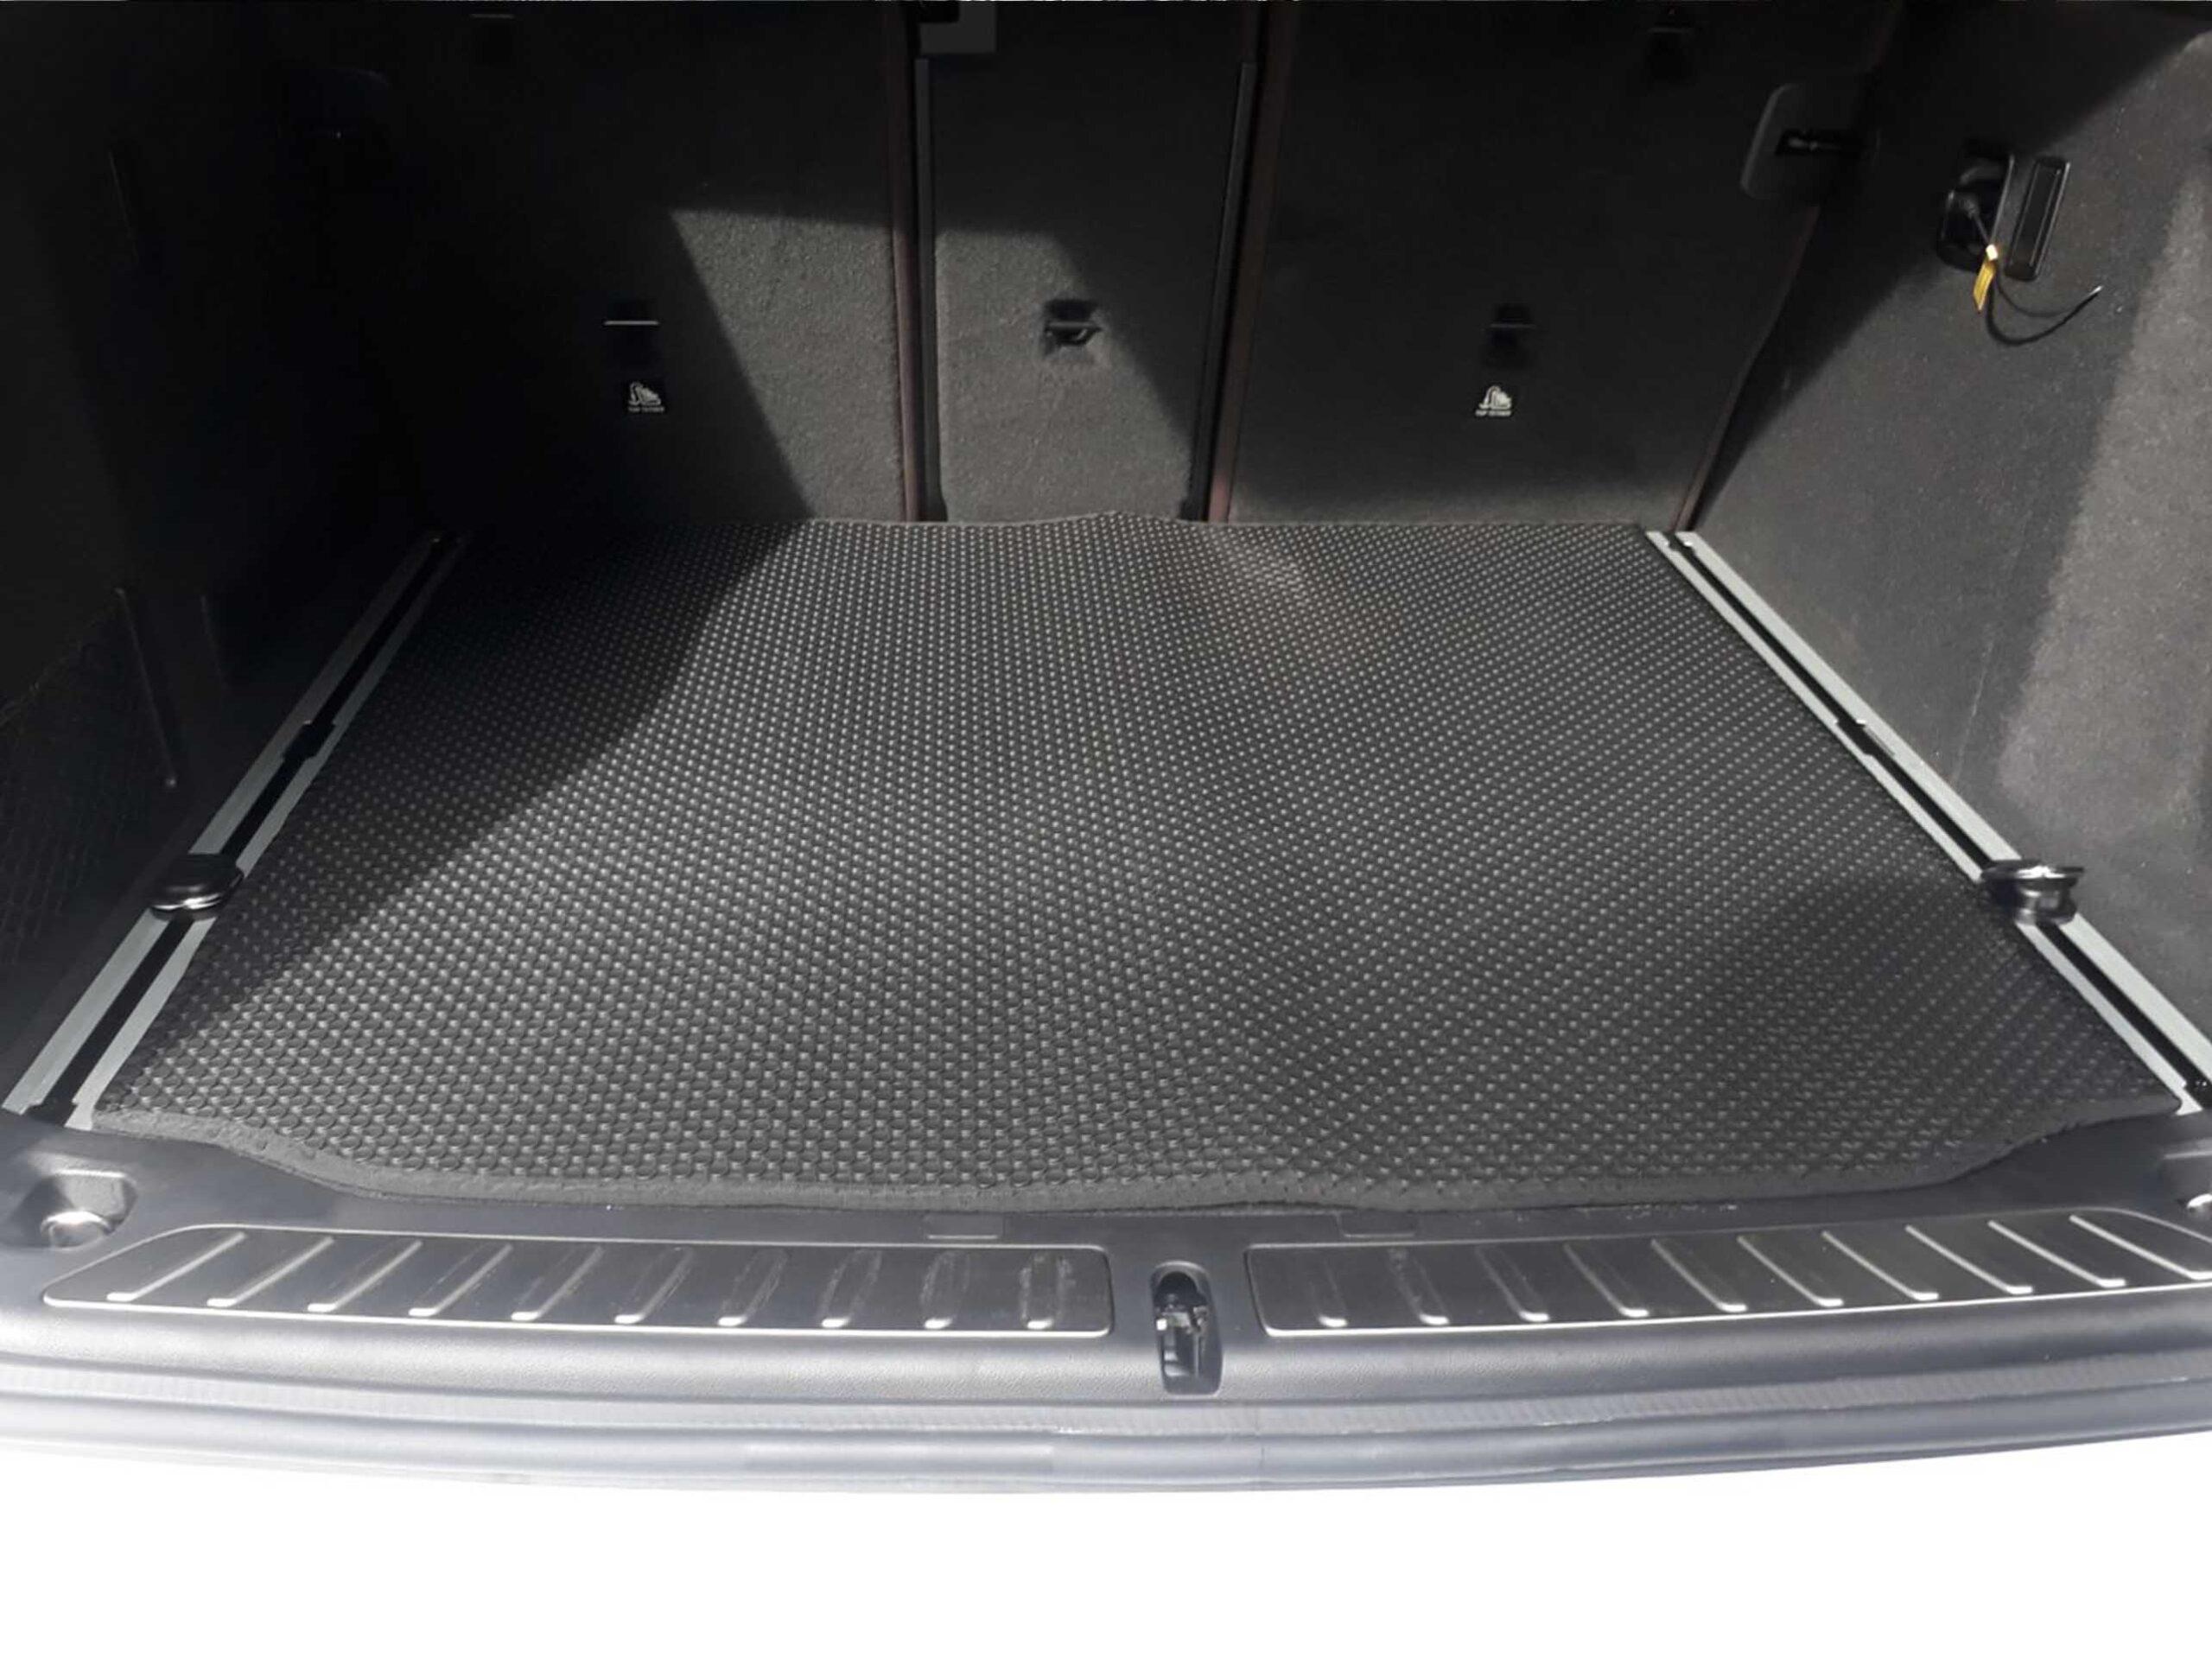 Thảm lót cốp BMW X3 2020